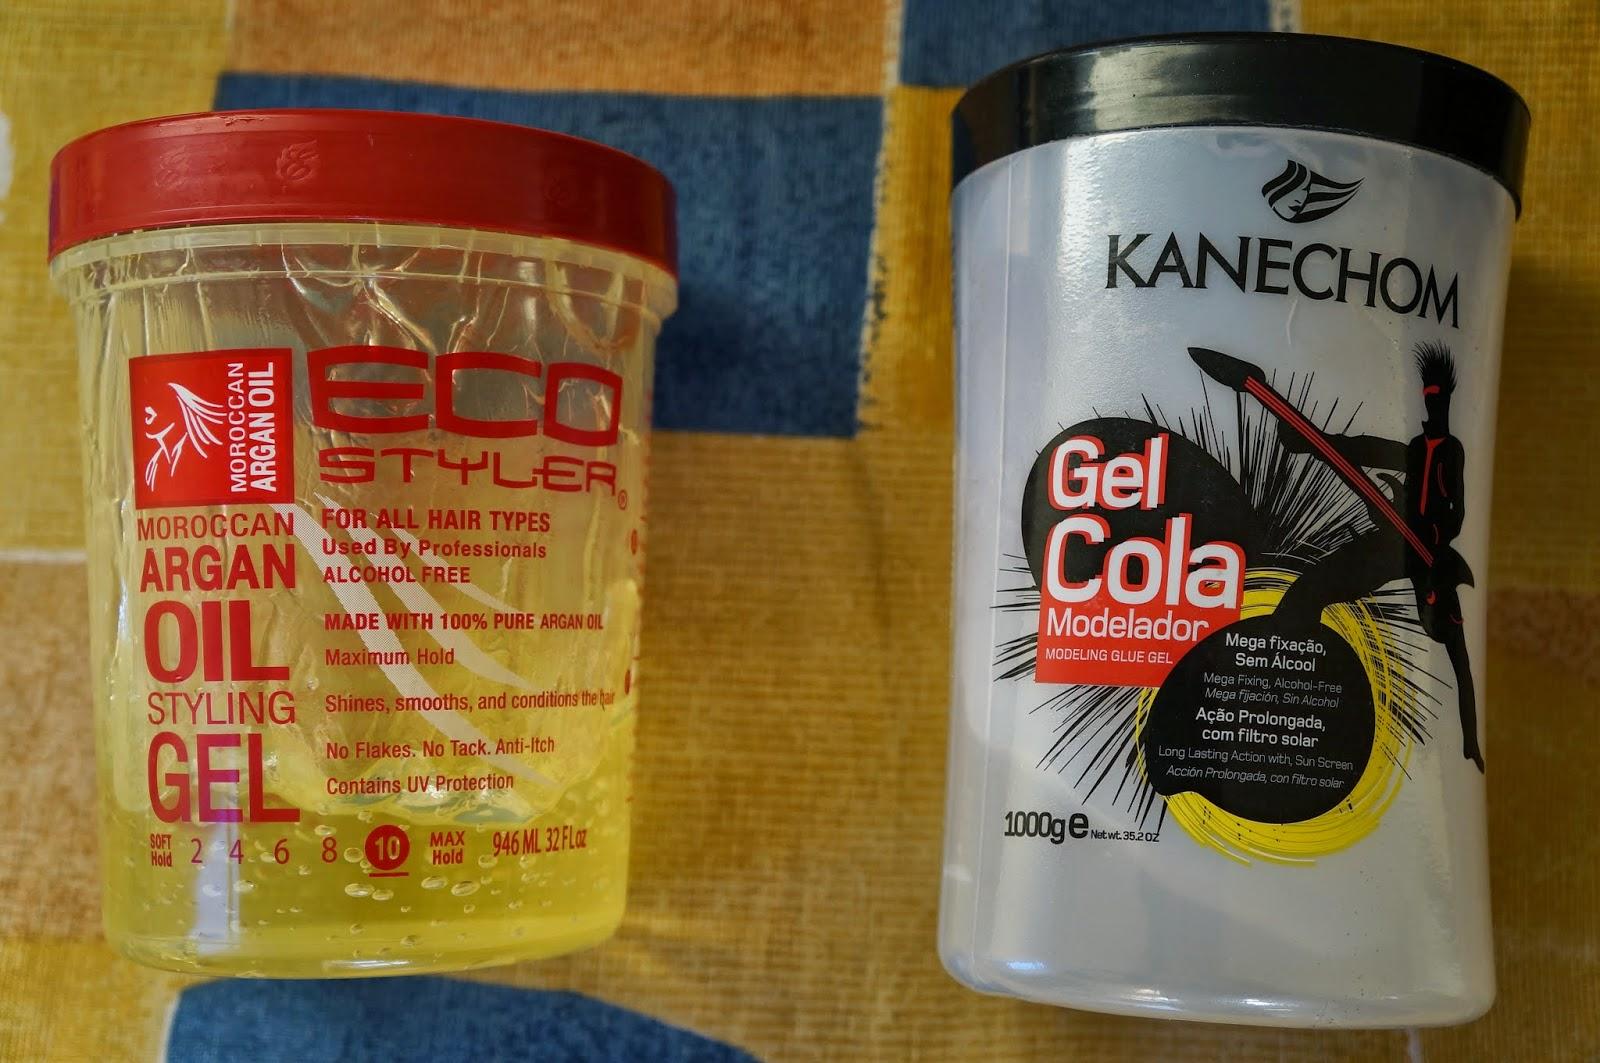 Comparação: Eco Styler Gel X Gel Kanechom Cola